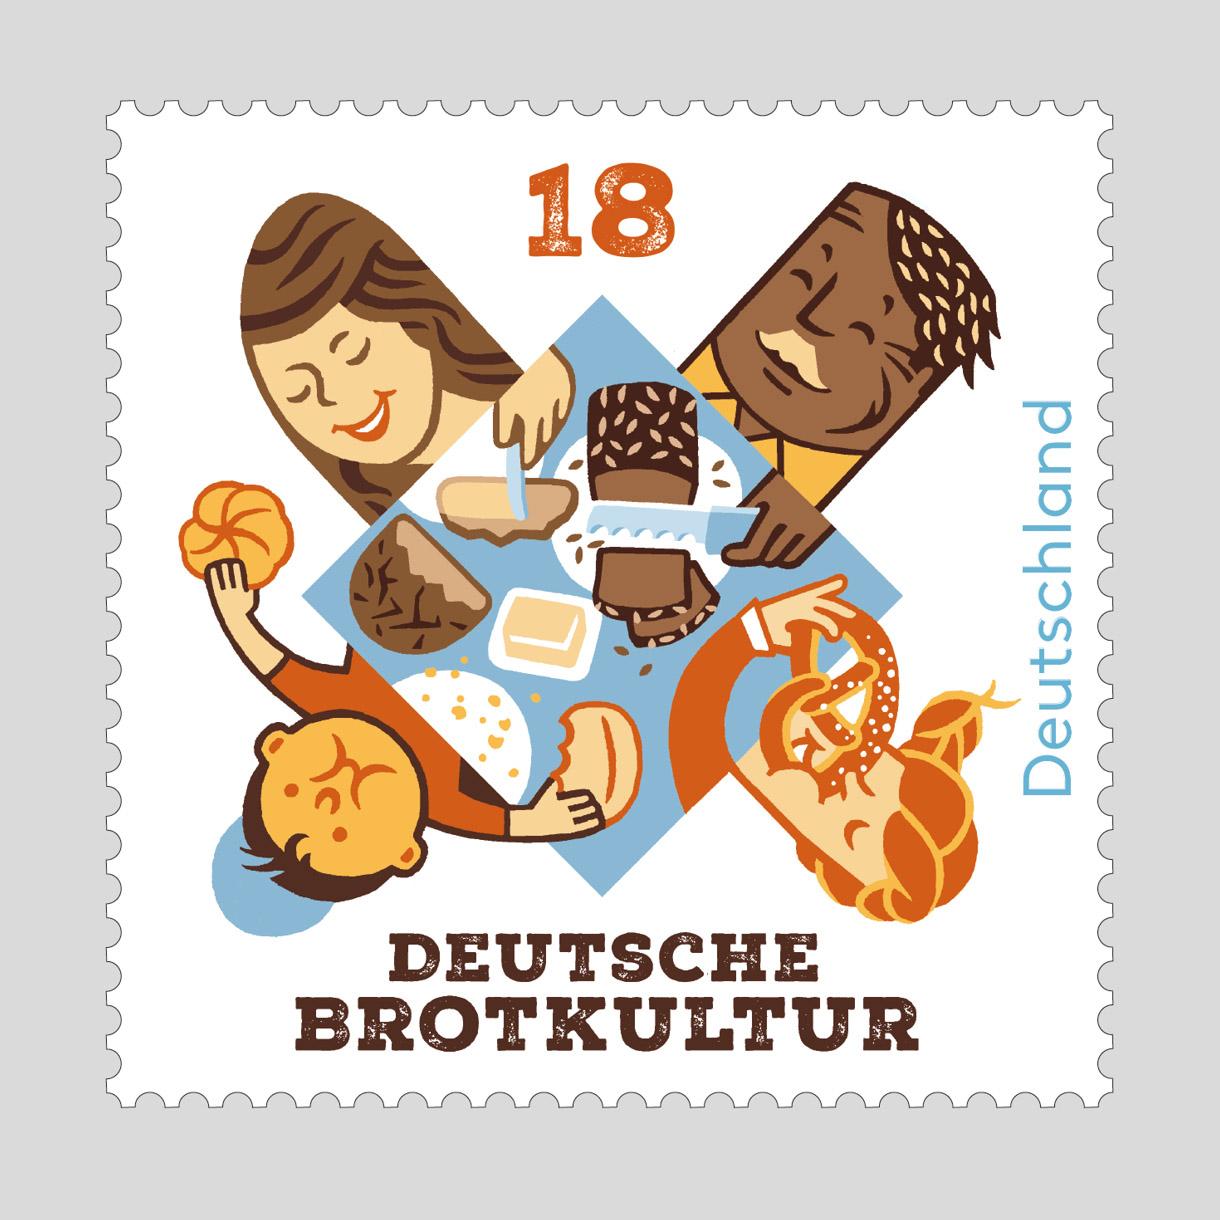 Deutsche Brotkultur